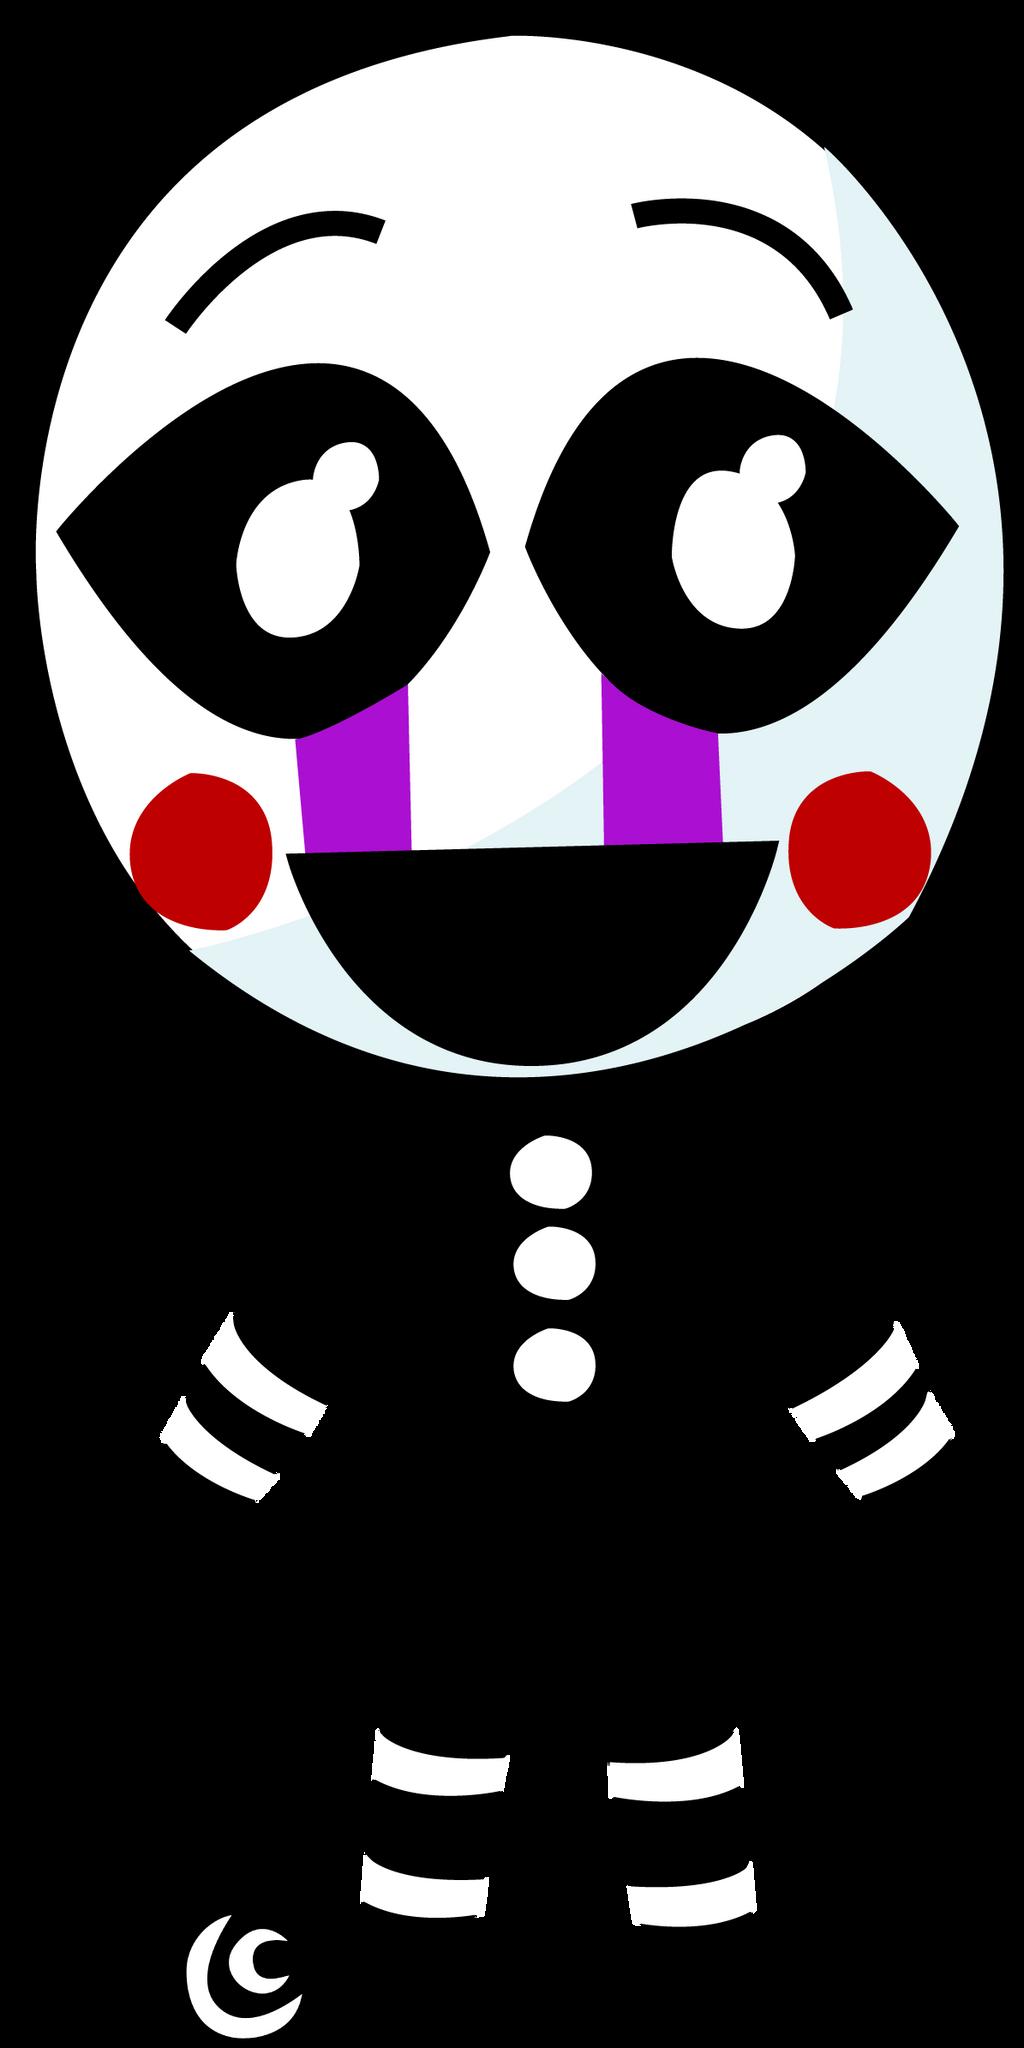 Marionette Chibi by hotcheeto89